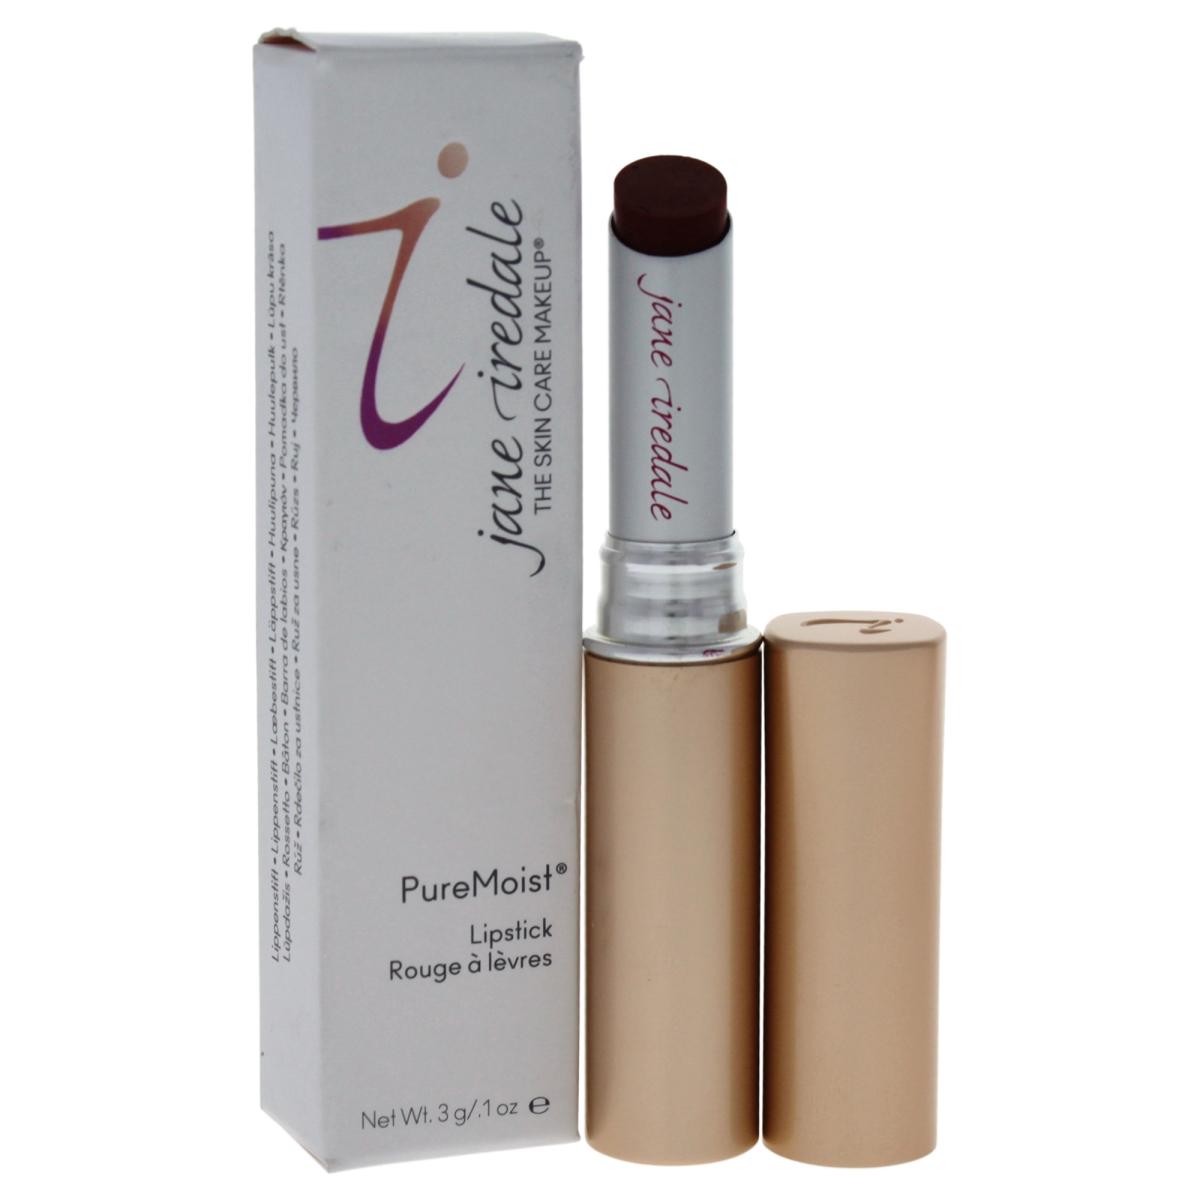 Jane Iredale W-C-12610 0.1 oz Puremoist Lipstick for Women - Cindy